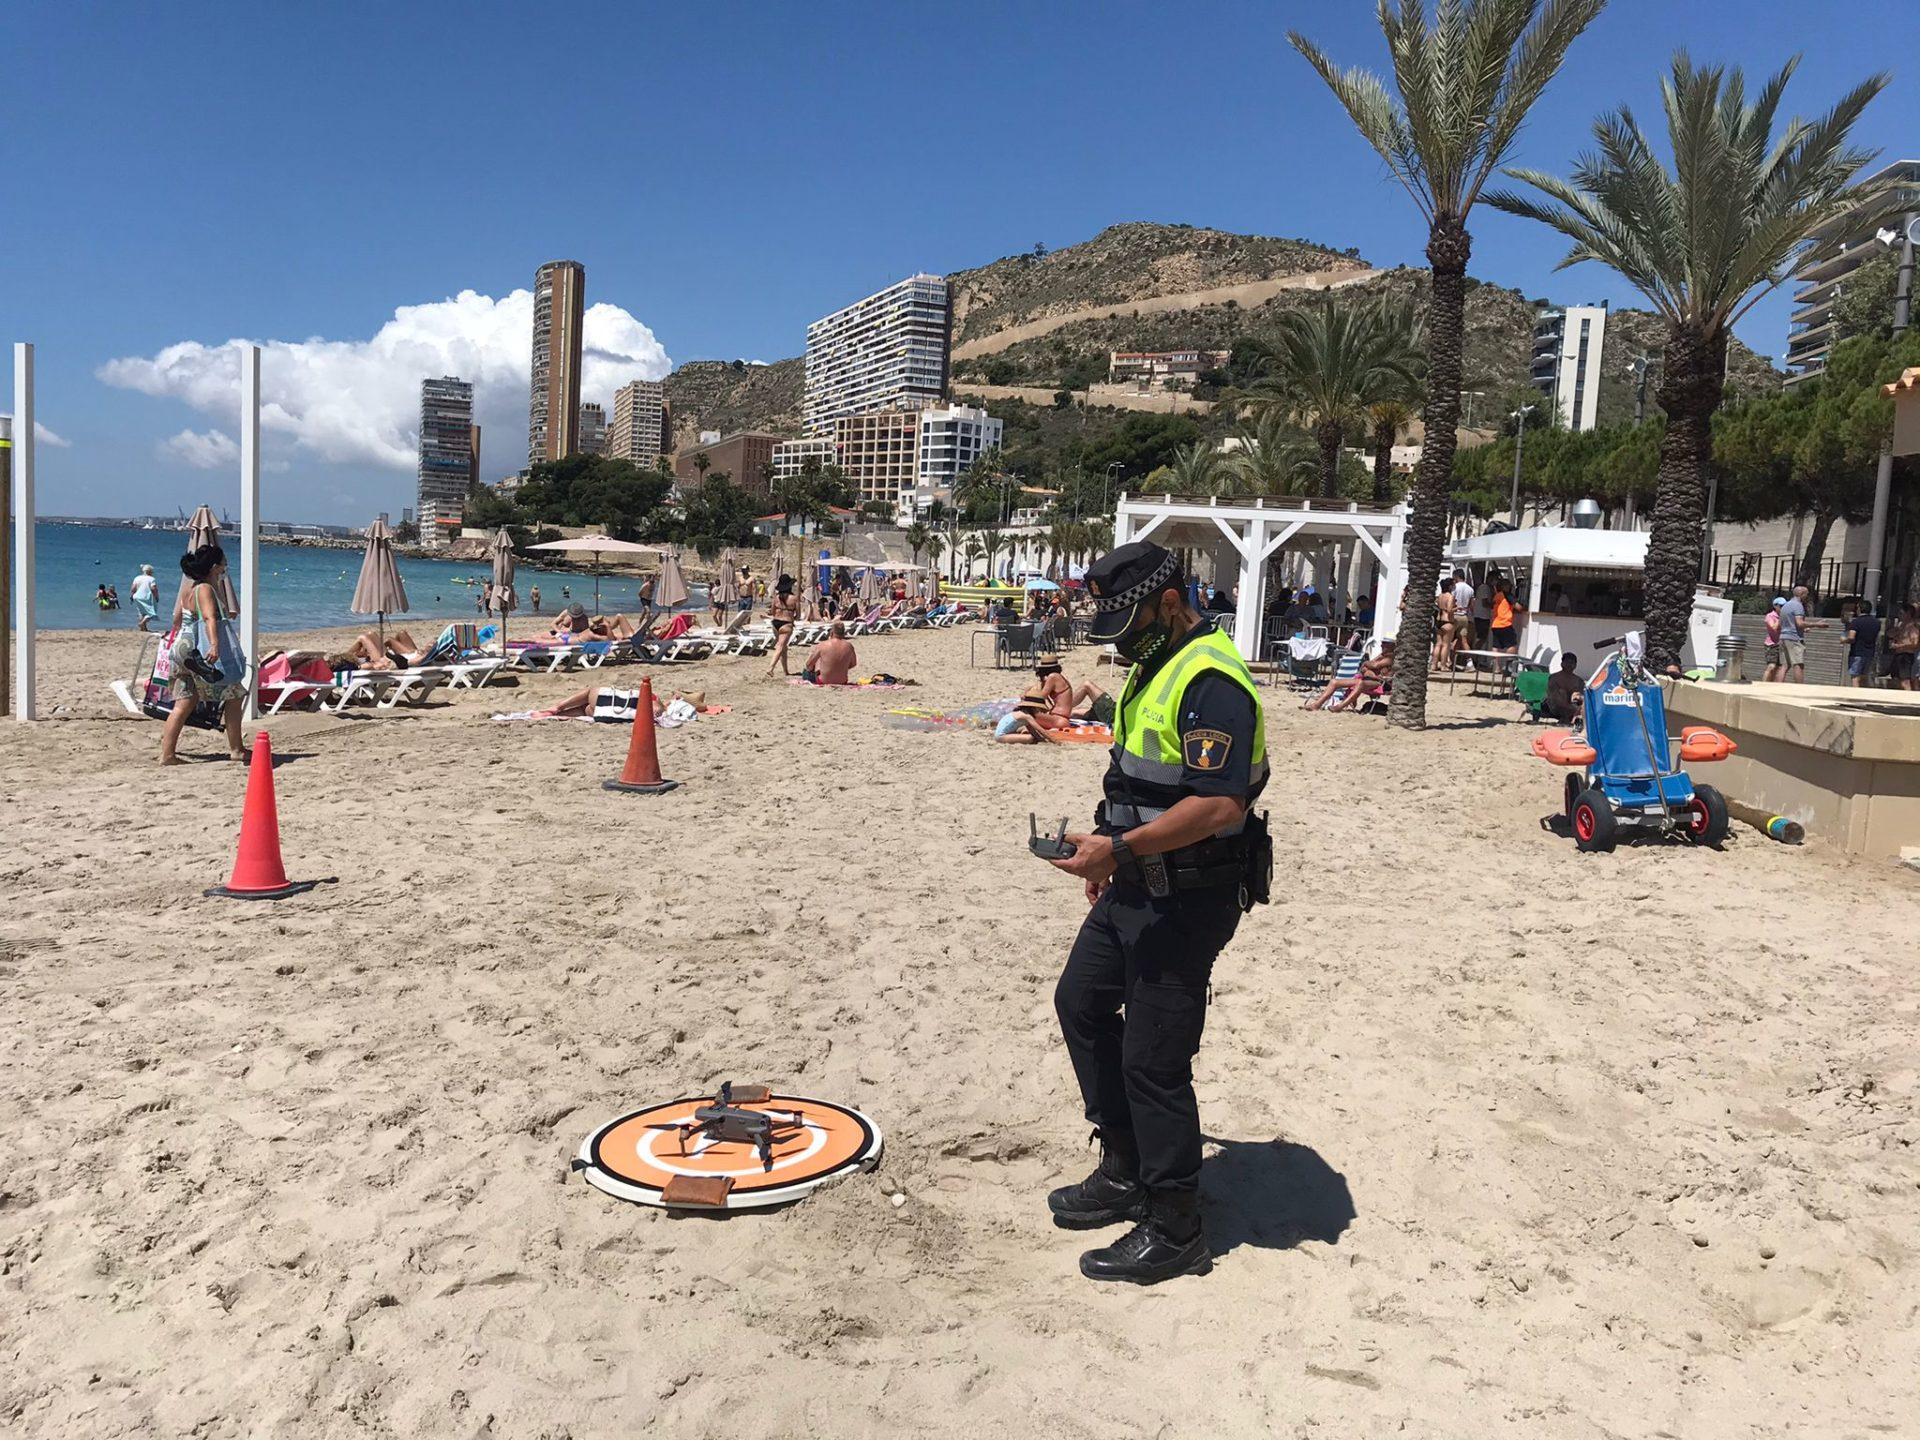 Control mascarilla y reserva de sitio con sombrillas en Playa Postiguet Alicante. Imágenes: Ayuntamiento